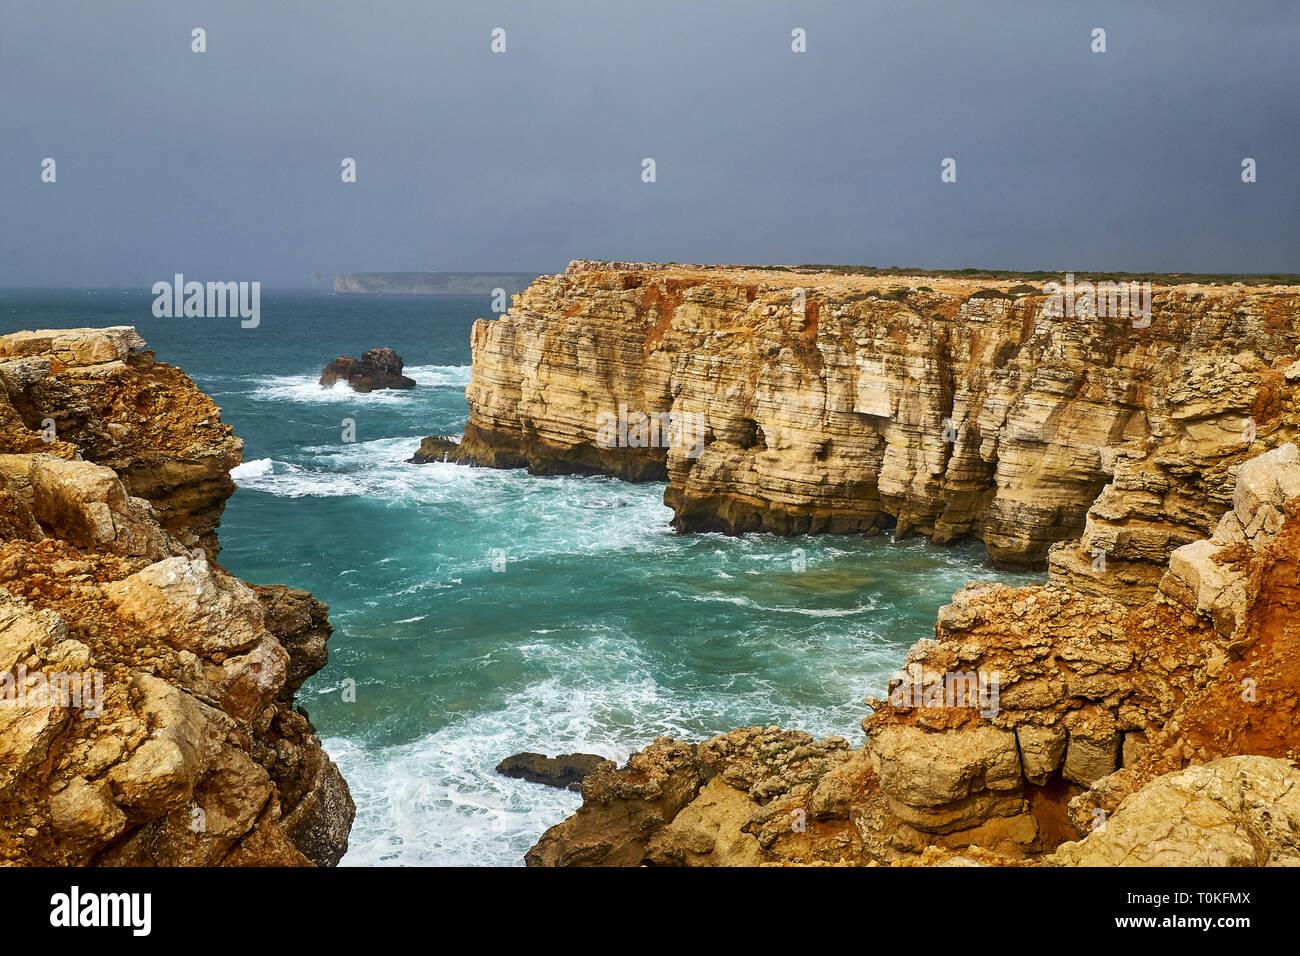 Costa rocosa en Cabo de Sao Vicente con tormentoso mar cerca de Sarges, Algarve, Faro, Portugal Foto de stock